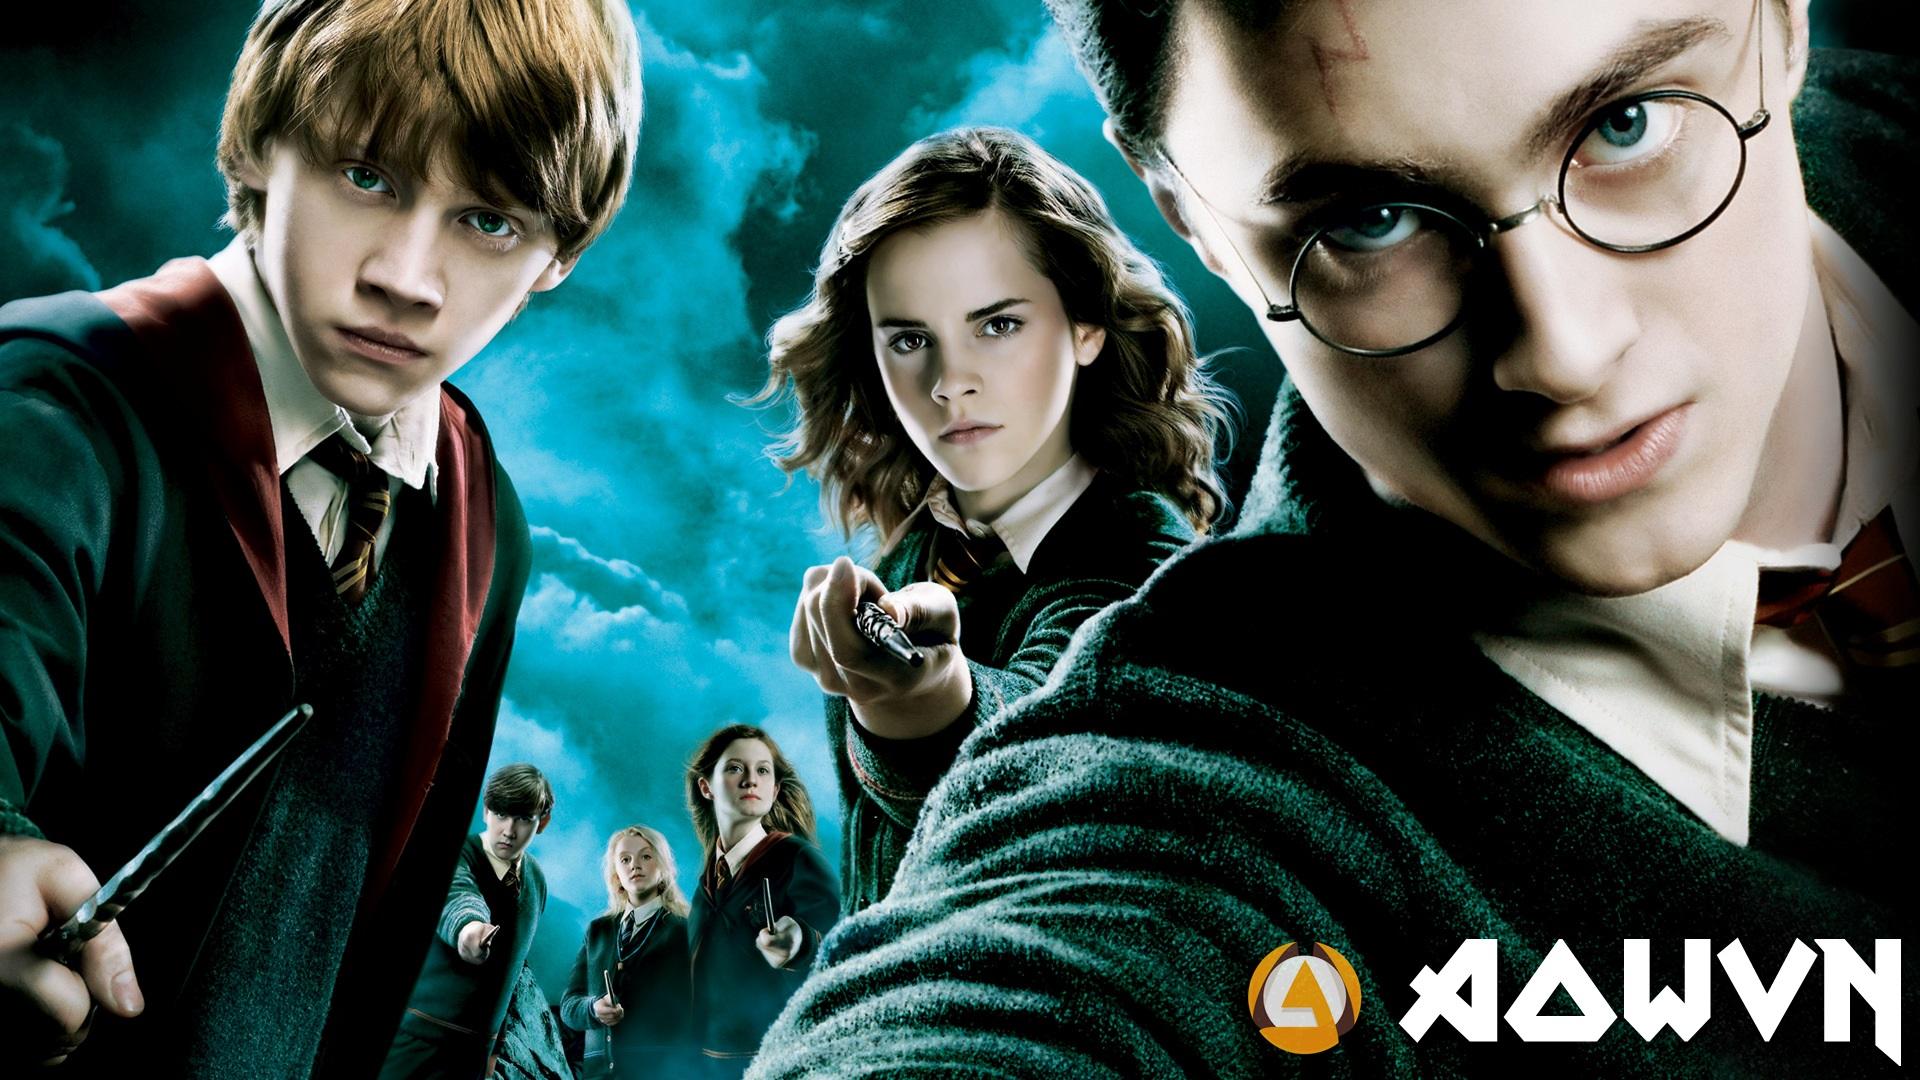 as5CY7hswEt2WScvrkEmduY7 - [ Phim 3gp Mp4 ] Tổng hợp toàn bộ Harry Potter   Vietsub - Hành động pháp thuật